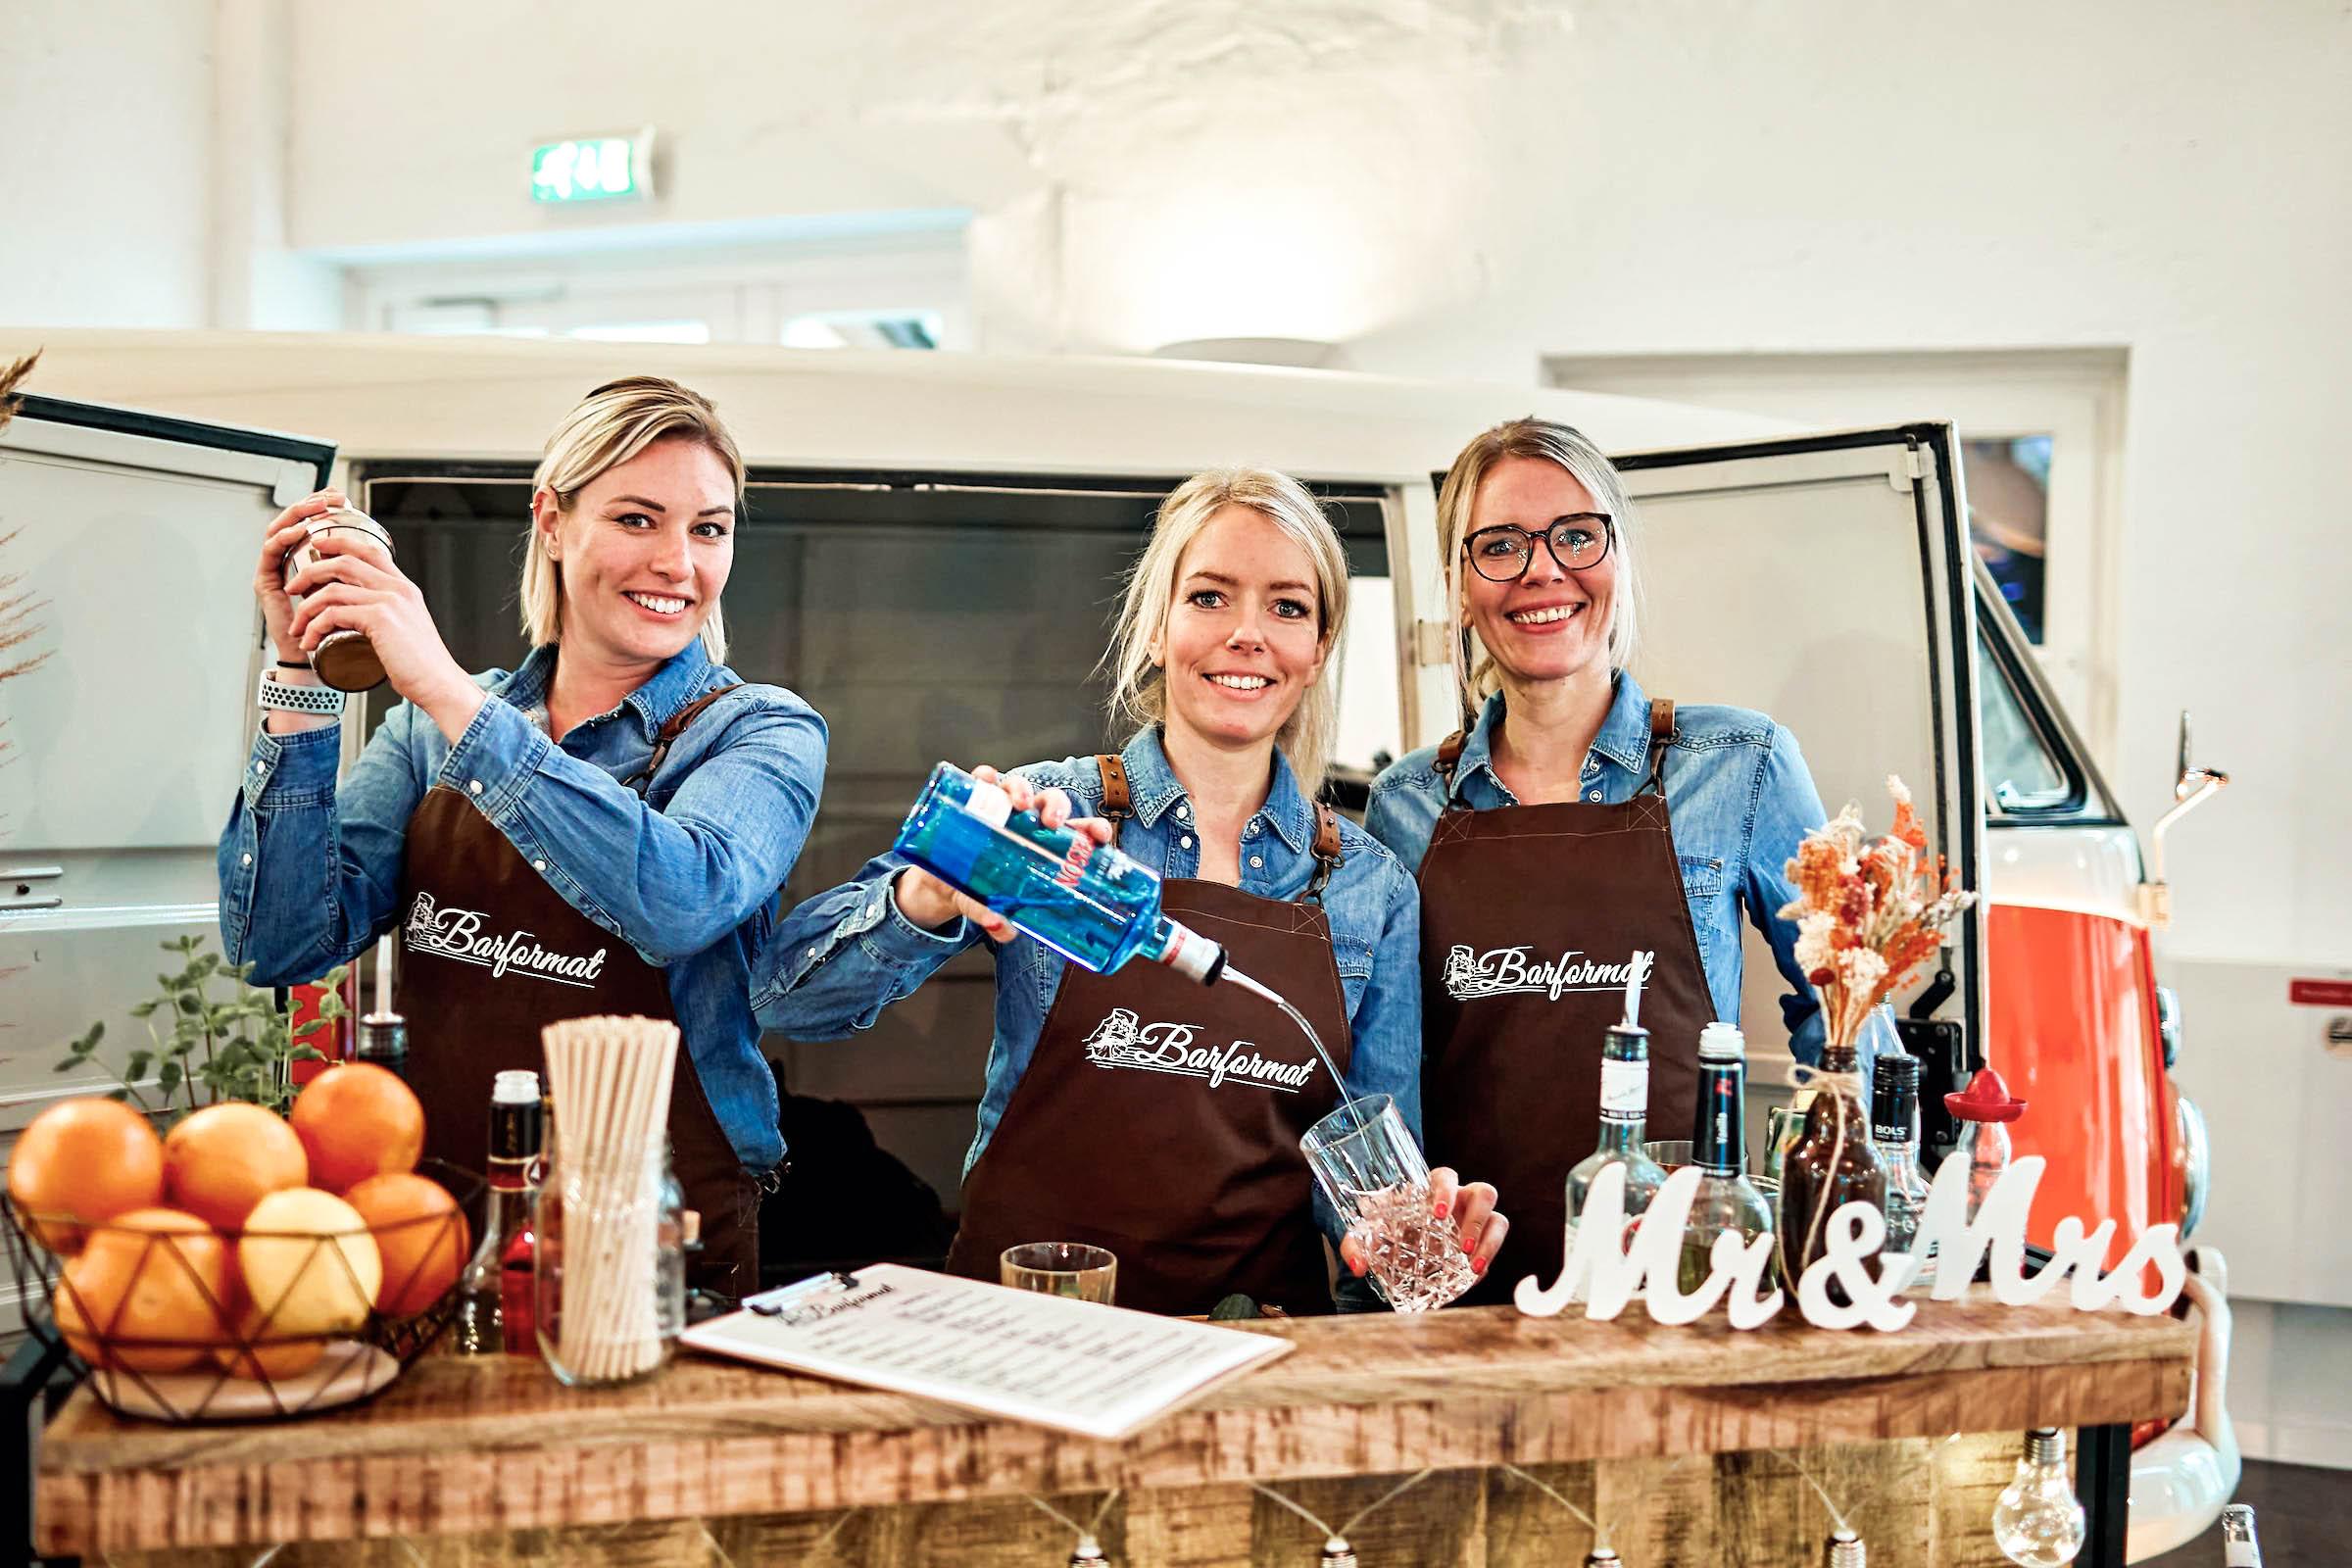 Mobile | Bar | Ape | Bulli | Cocktailservice | Getränke | Catering | Foodtruck | Kuchen | Sektempfang | Standesamt | Hochzeit | Personal | Messe | Barkeeper | Hochzeit | Event | Mieten | Buchen | Barformat